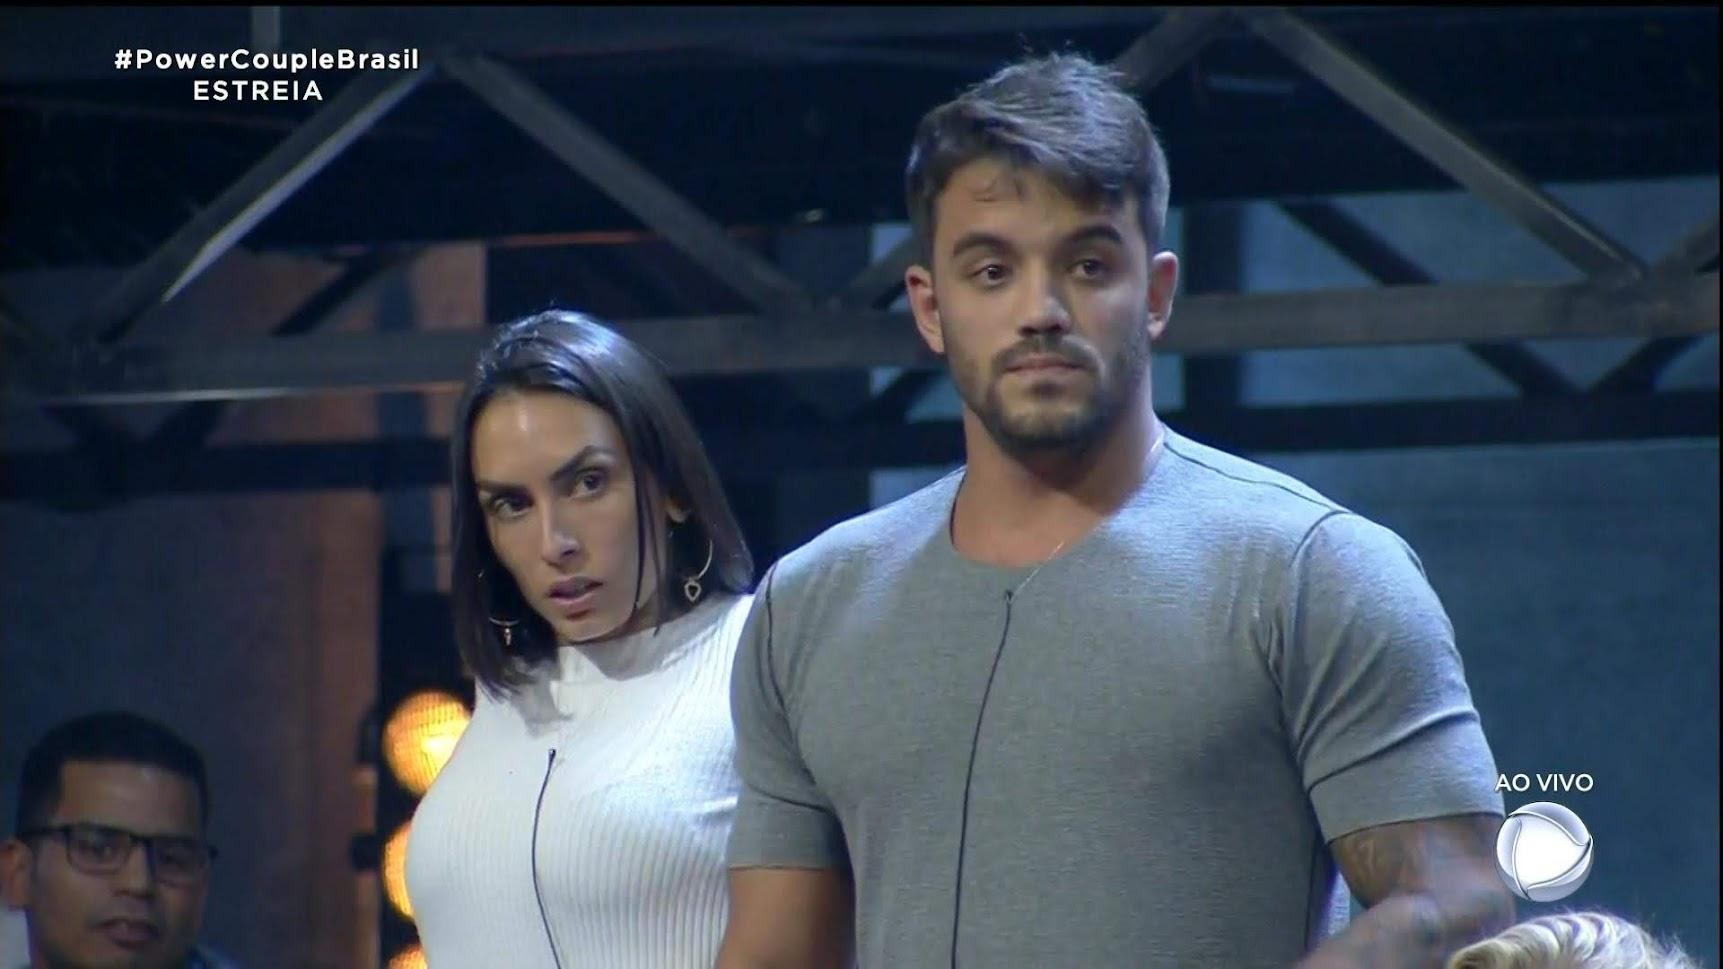 Clara Maia e André Coelho ganharam um carro na estreia do 'Power Couple Brasil 4'